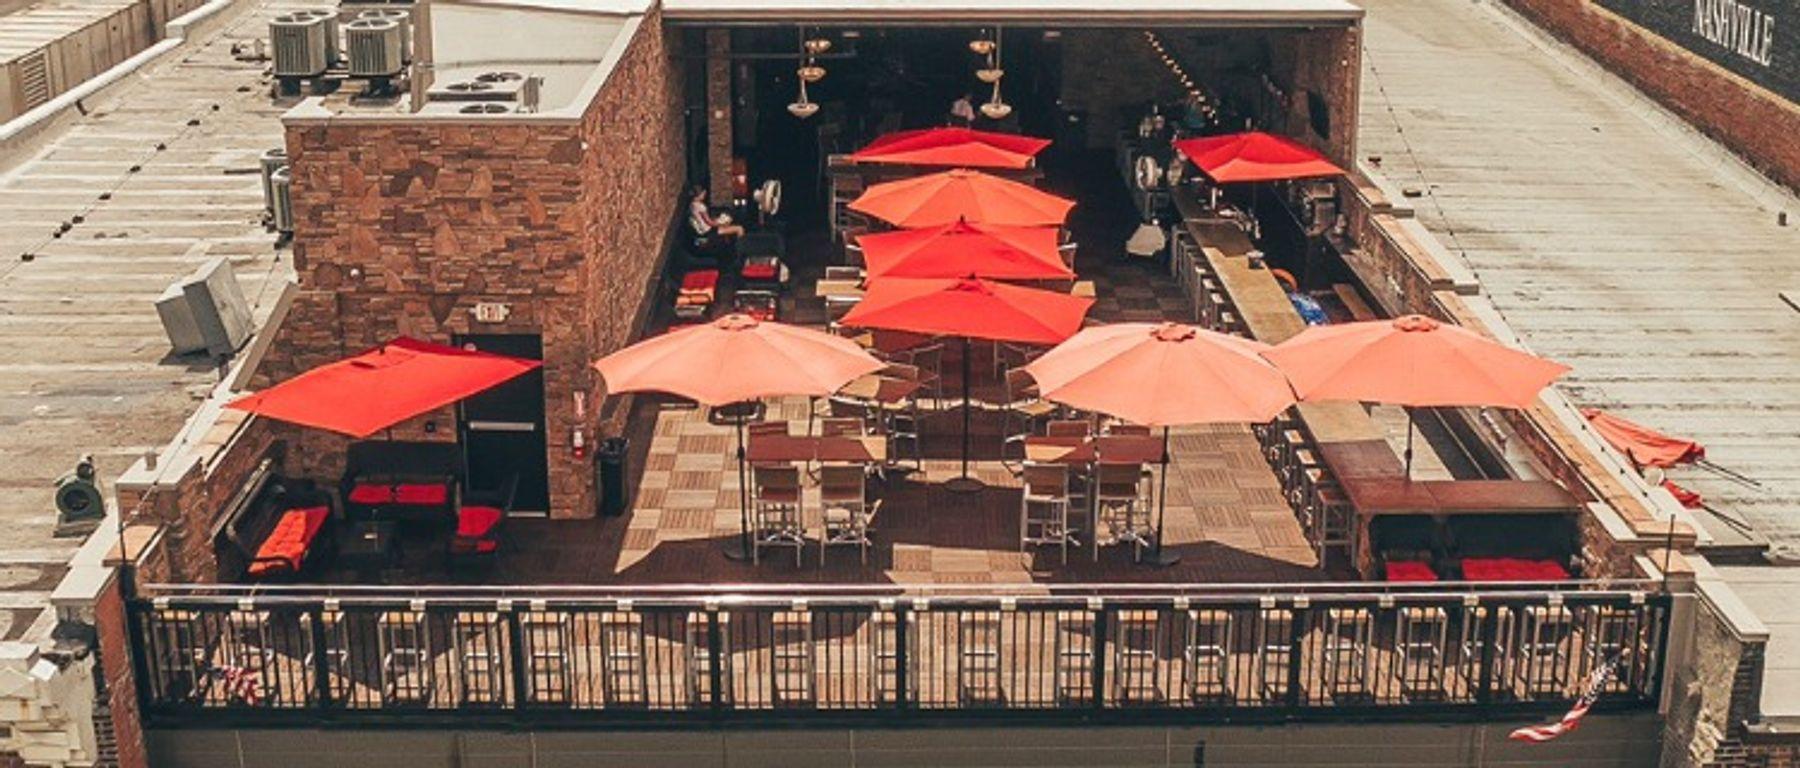 George Jones Museum's rooftop bar